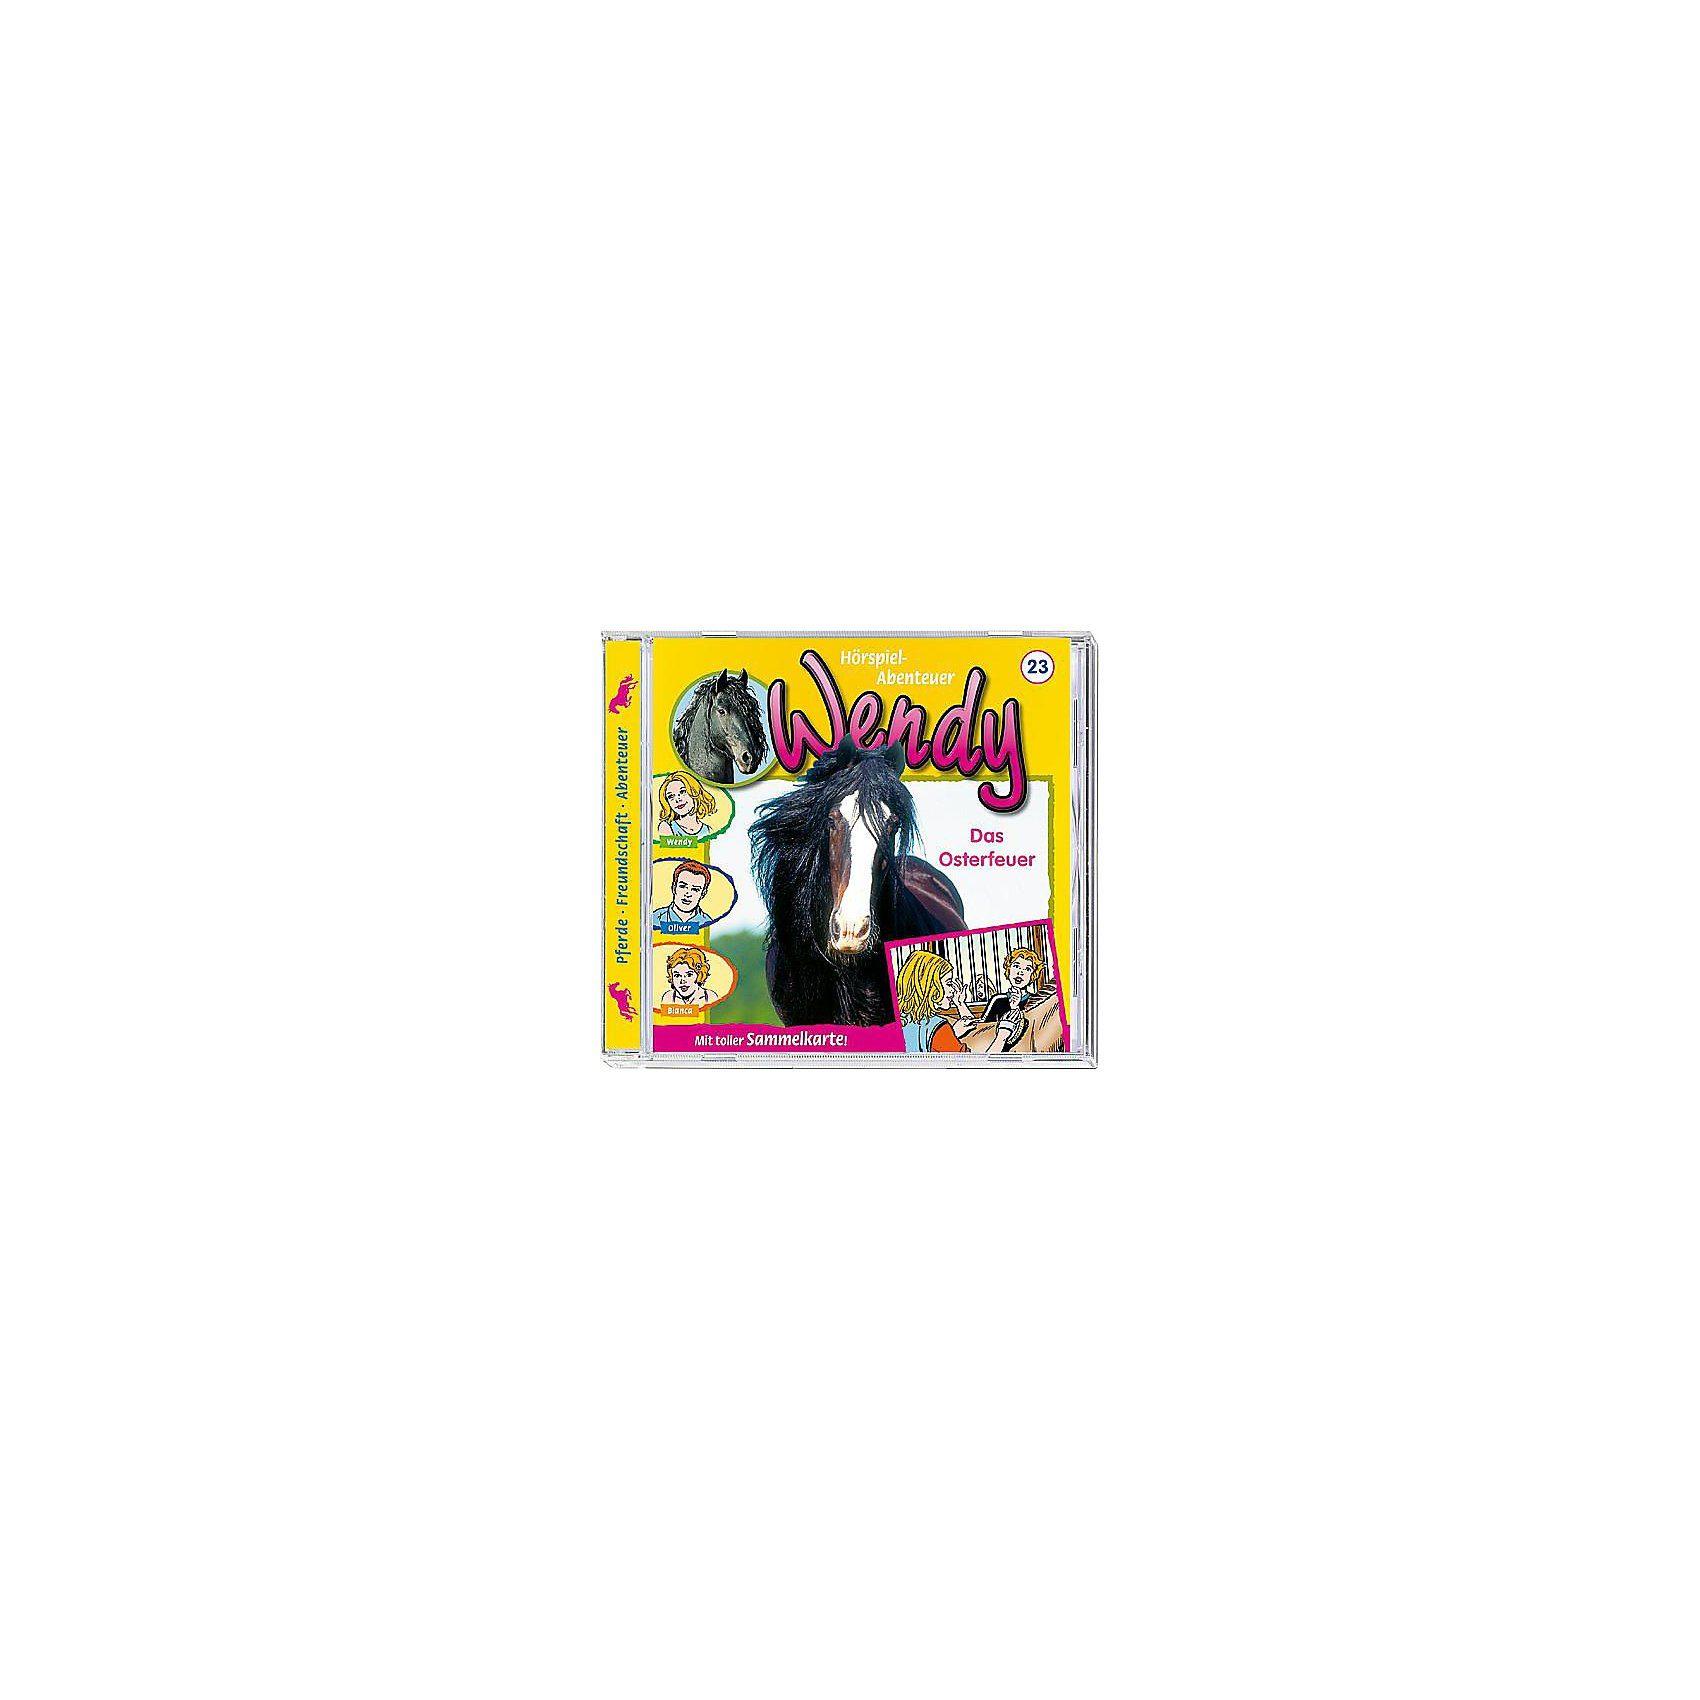 Kiddinx CD Wendy 23 (Osterfeuer)